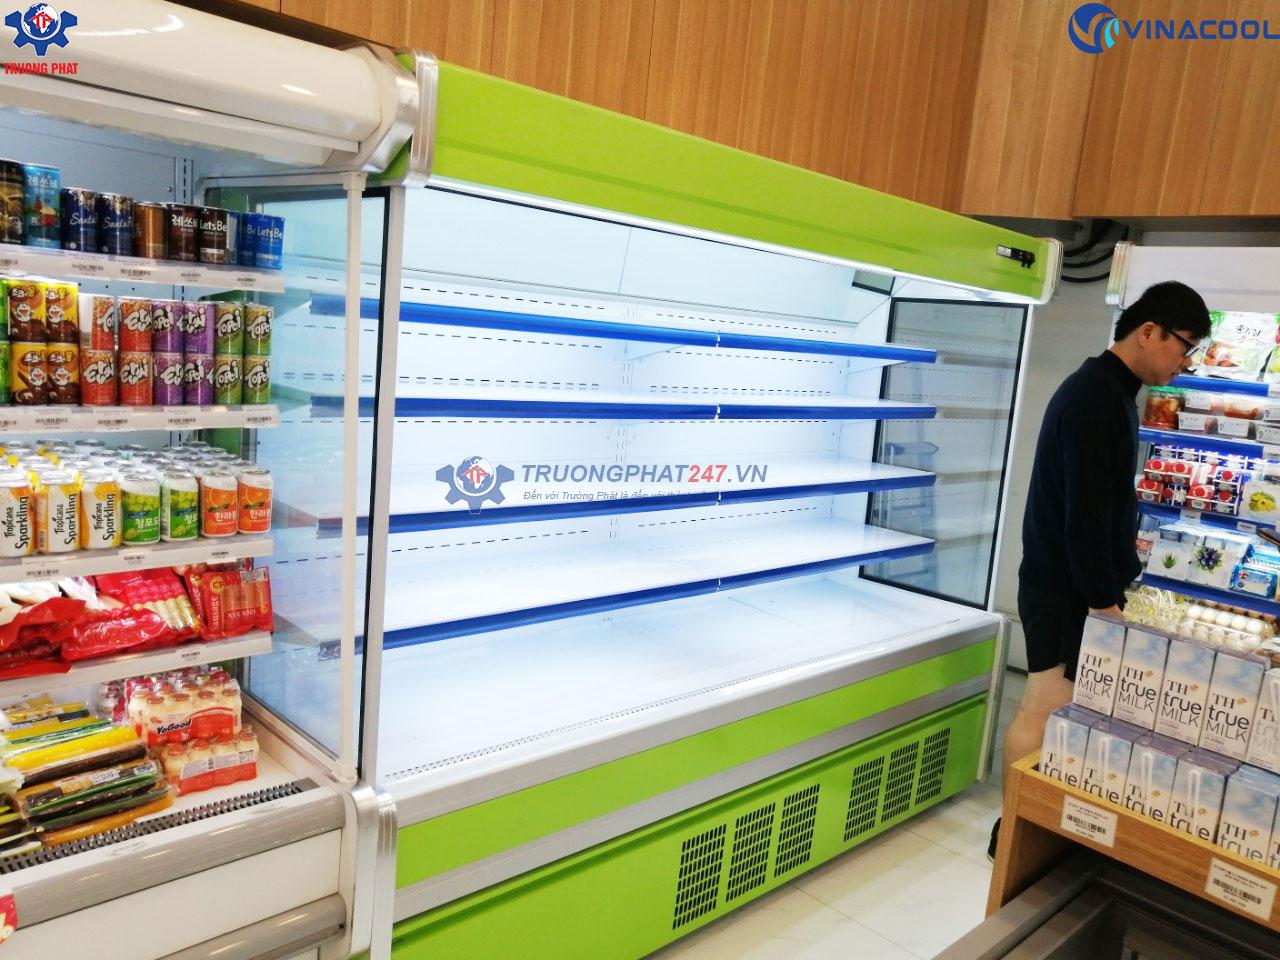 tủ làm mát rau siêu thị dài 2m5